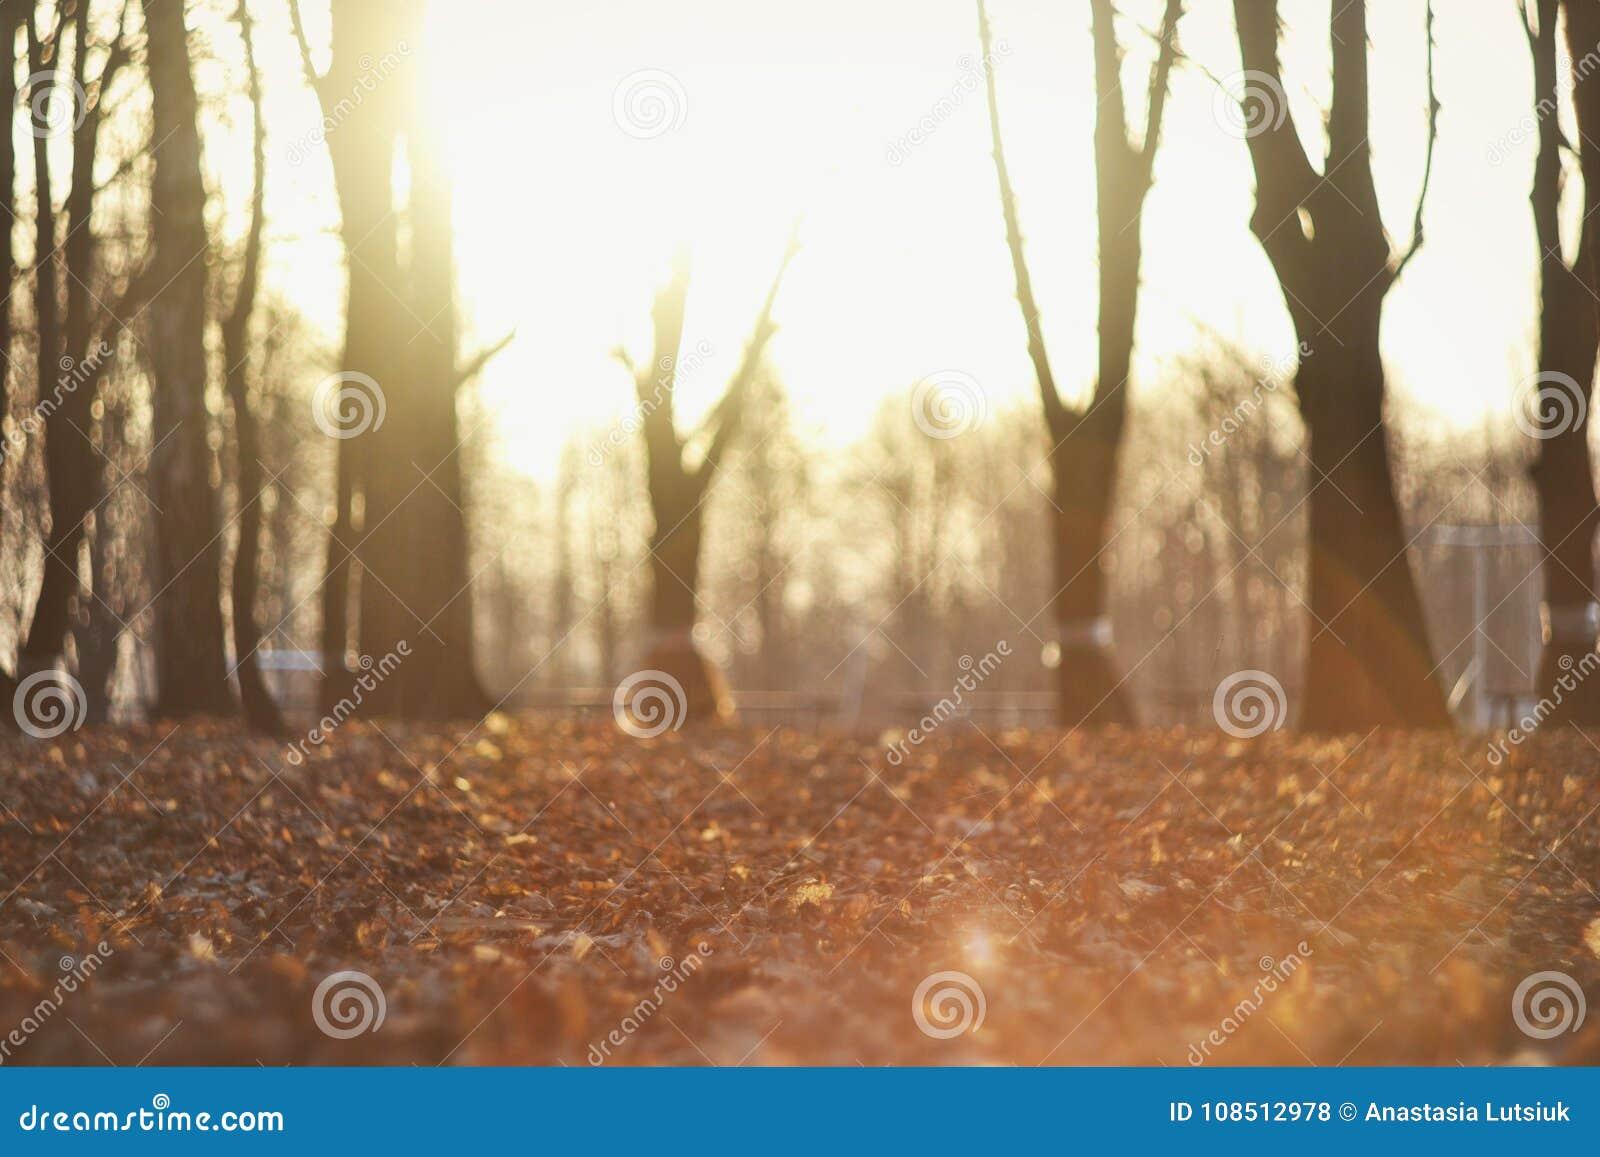 Autumn Background With Sunshine bonito